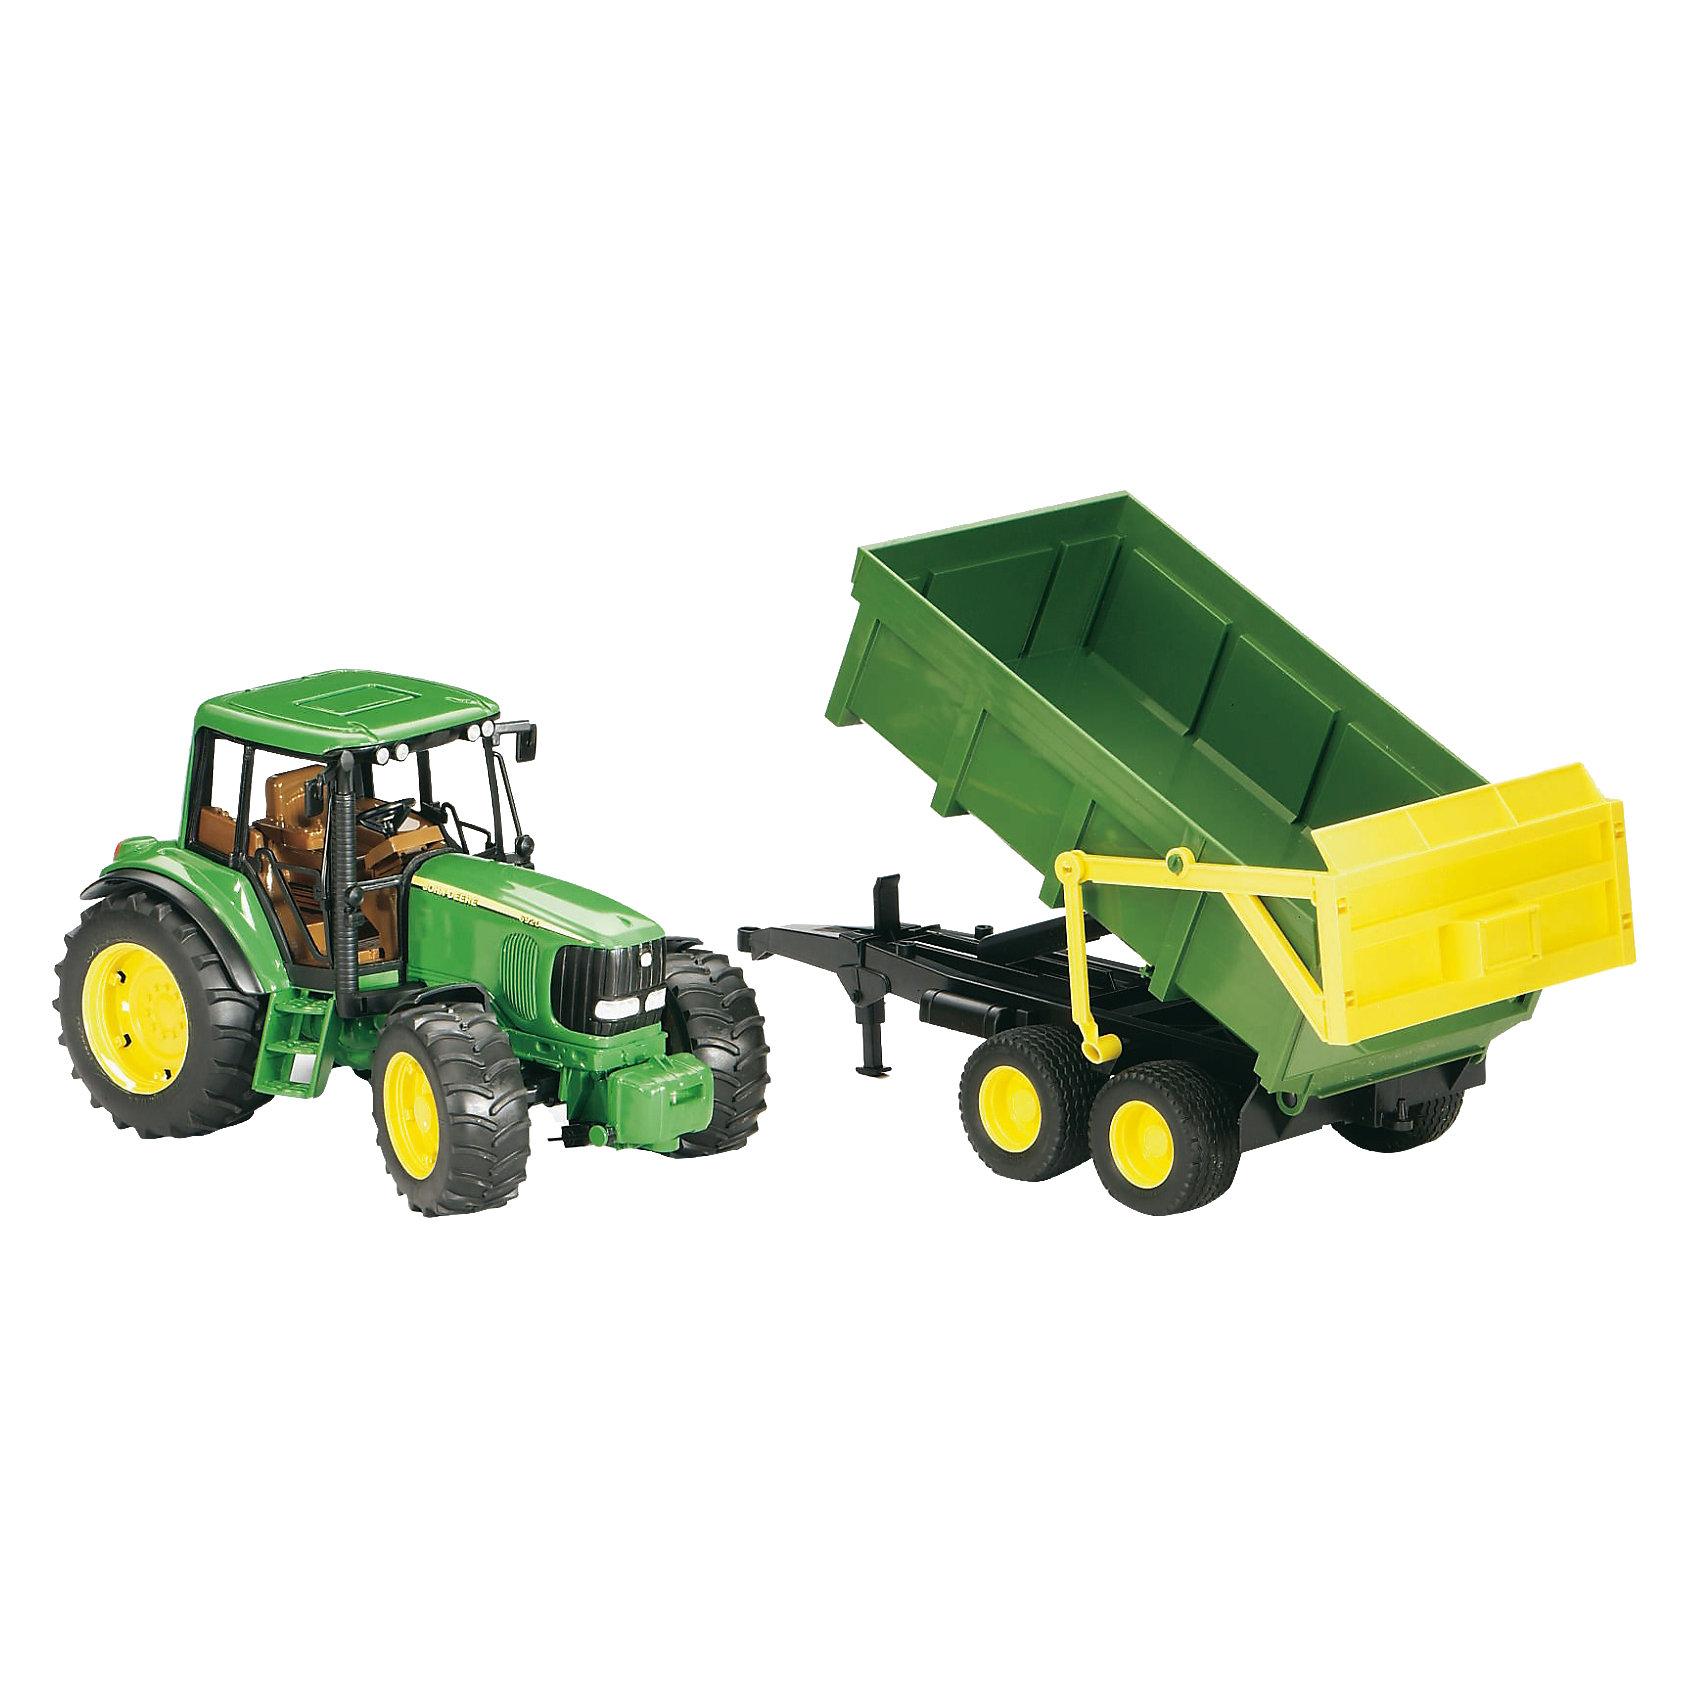 Трактор John Deere с прицепом, BruderМашинки<br>Трактор John Deere с прицепом, Bruder (Брудер) - это качественная детализированная игрушка с подвижными элементами.<br>Трактор John Deere с прицепом от немецкого производителя игрушек Bruder (Брудер) - это уменьшенная полноценная копия настоящей машины! Модель отличается высокой степенью детализации. Сидение водителя, рулевое колесо, декоративные рычаги – все это тщательно проработано. Даже протекторы шин на колесах трактора имитируют оригинал. Трактор оснащен съемным прицепом и фаркопом для прицепных устройств. Прицеп-самосвал откидывается и фиксируется в верхнем положении. Задний борт открываются. Капот трактора поднимается, открывая доступ к двигателю. Передняя ось оснащена амортизатором, что позволит трактору сохранять устойчивость на любых труднопроходимых участках дороги, легко преодолевая препятствия на своём пути. Широкие большие колёса трактора с крупным протектором обеспечивают хорошую проходимость. Колеса прорезиненные. Они не гремят при езде и не царапают пол. Управление передними колесами осуществляется с помощью руля в кабине или дополнительного руля, который вставляется через отодвигающее отверстие на крыше трактора. Игрушка изготовлена из высококачественного пластика, устойчивого к износу и ударам. Продукция сертифицирована, экологически безопасна для ребенка, использованные красители не токсичны и гипоаллергенны.<br><br>Дополнительная информация:<br><br>- Комплектация: трактор, прицеп-самосвал<br>- Масштаб 1:16<br>- Размер трактора с прицепом: 67 х 16,5 х 17,7 см.<br>- Материал: высококачественный ударопрочный пластик АБС<br>- Цвет: зеленый, черный, желтый<br><br>Трактор John Deere с прицепом, Bruder (Брудер) можно купить в нашем интернет-магазине.<br><br>Ширина мм: 675<br>Глубина мм: 222<br>Высота мм: 182<br>Вес г: 1440<br>Возраст от месяцев: 36<br>Возраст до месяцев: 96<br>Пол: Мужской<br>Возраст: Детский<br>SKU: 1220888